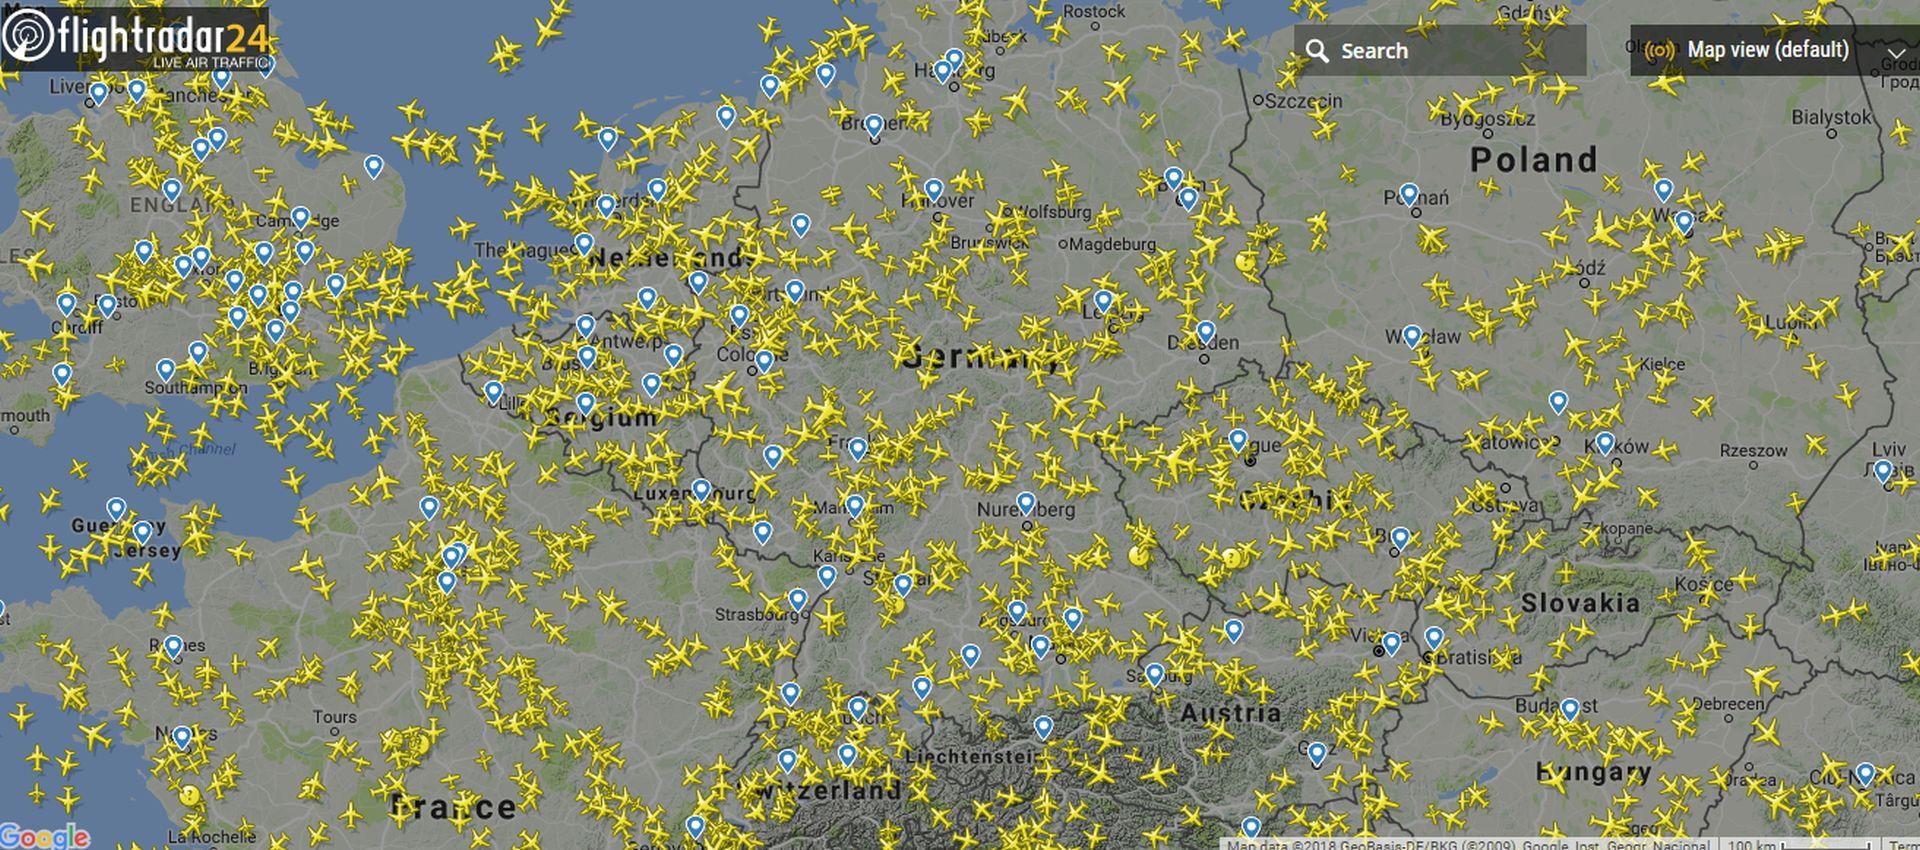 Letecký provoz nad částí Evropy podle služby Flightradar24. Foto: Flightradar24.com